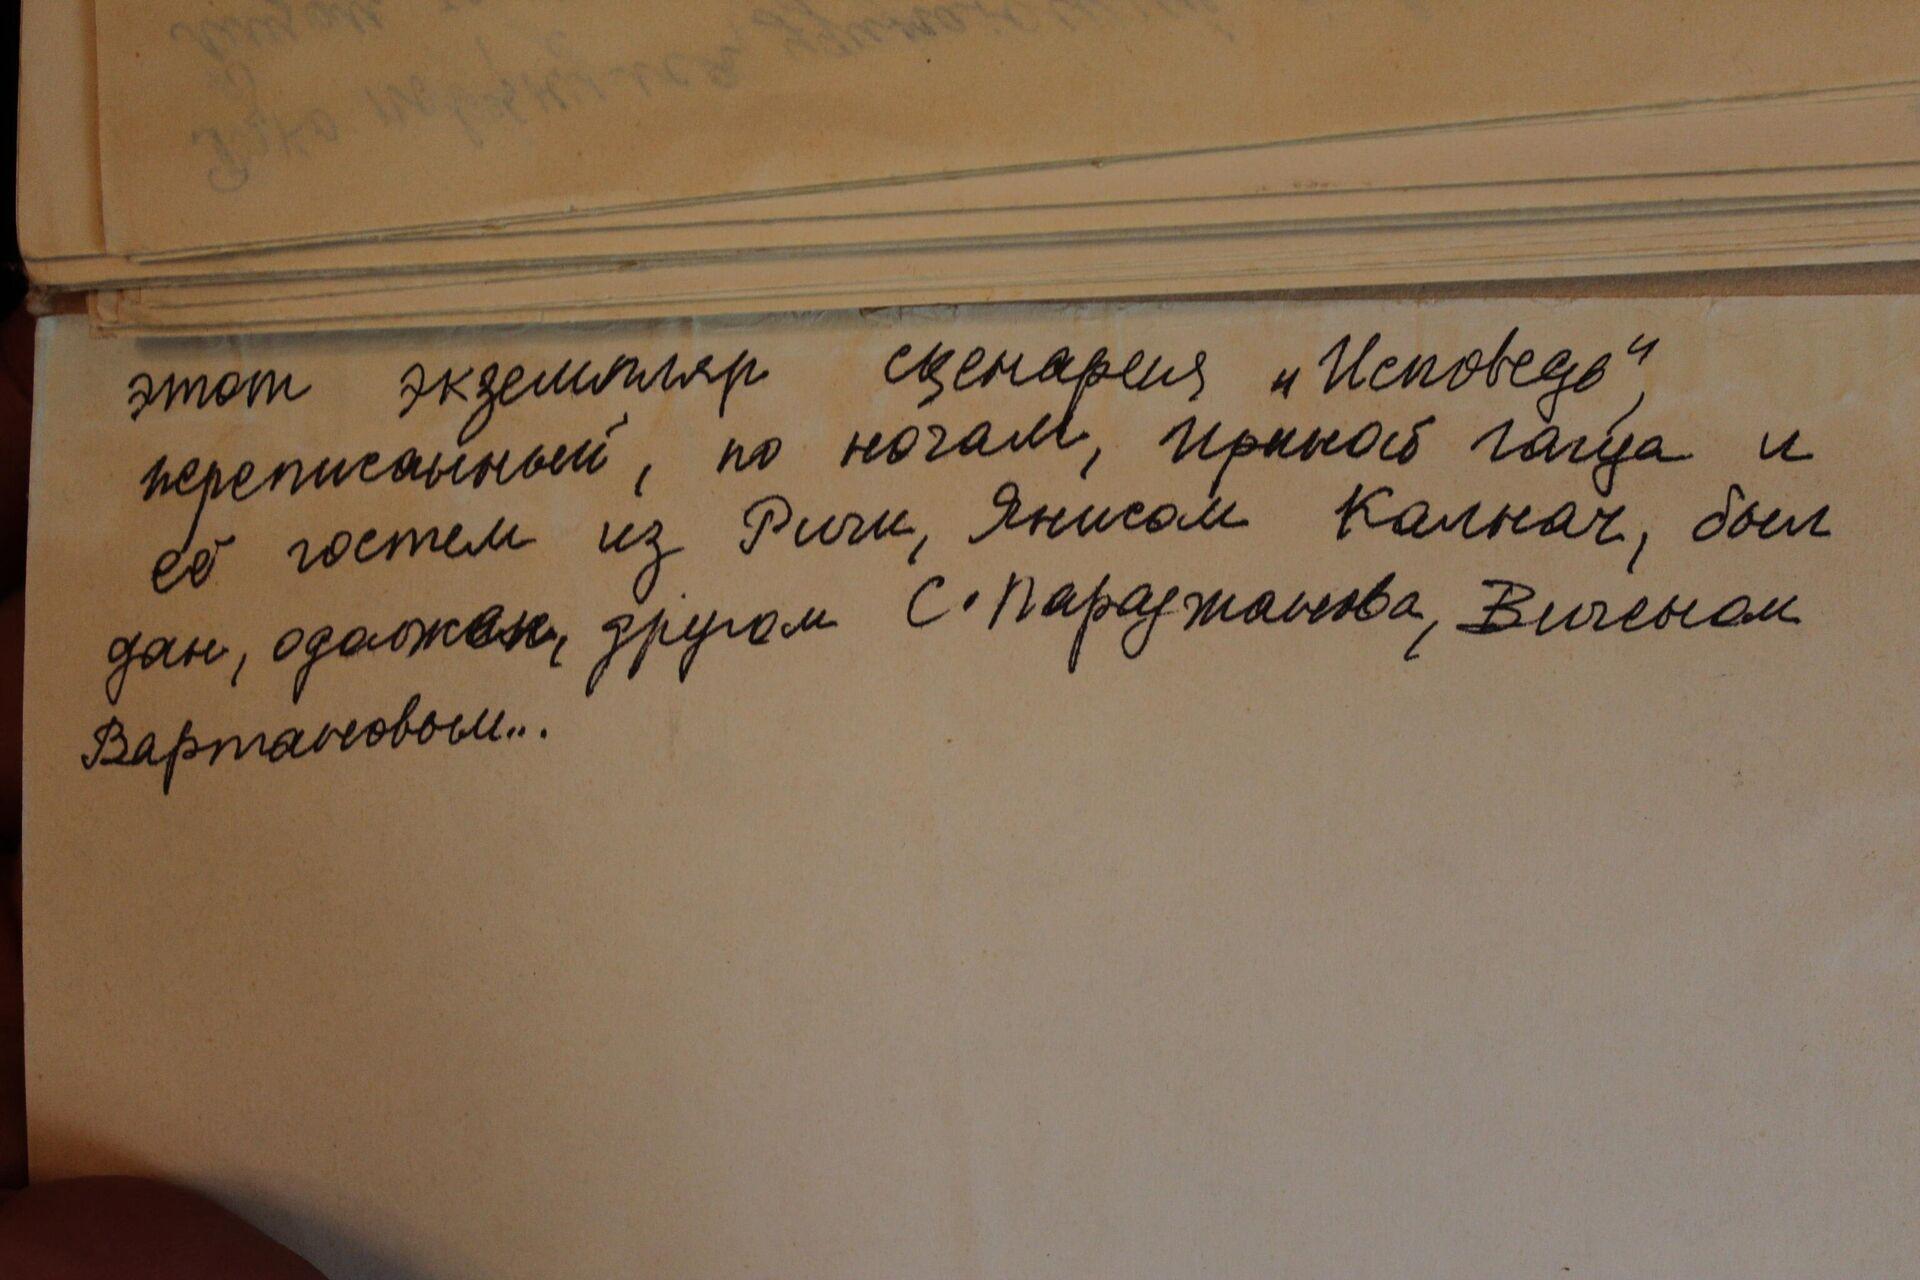 Сценарий переписанный за пару ночей - Sputnik Грузия, 1920, 16.09.2021